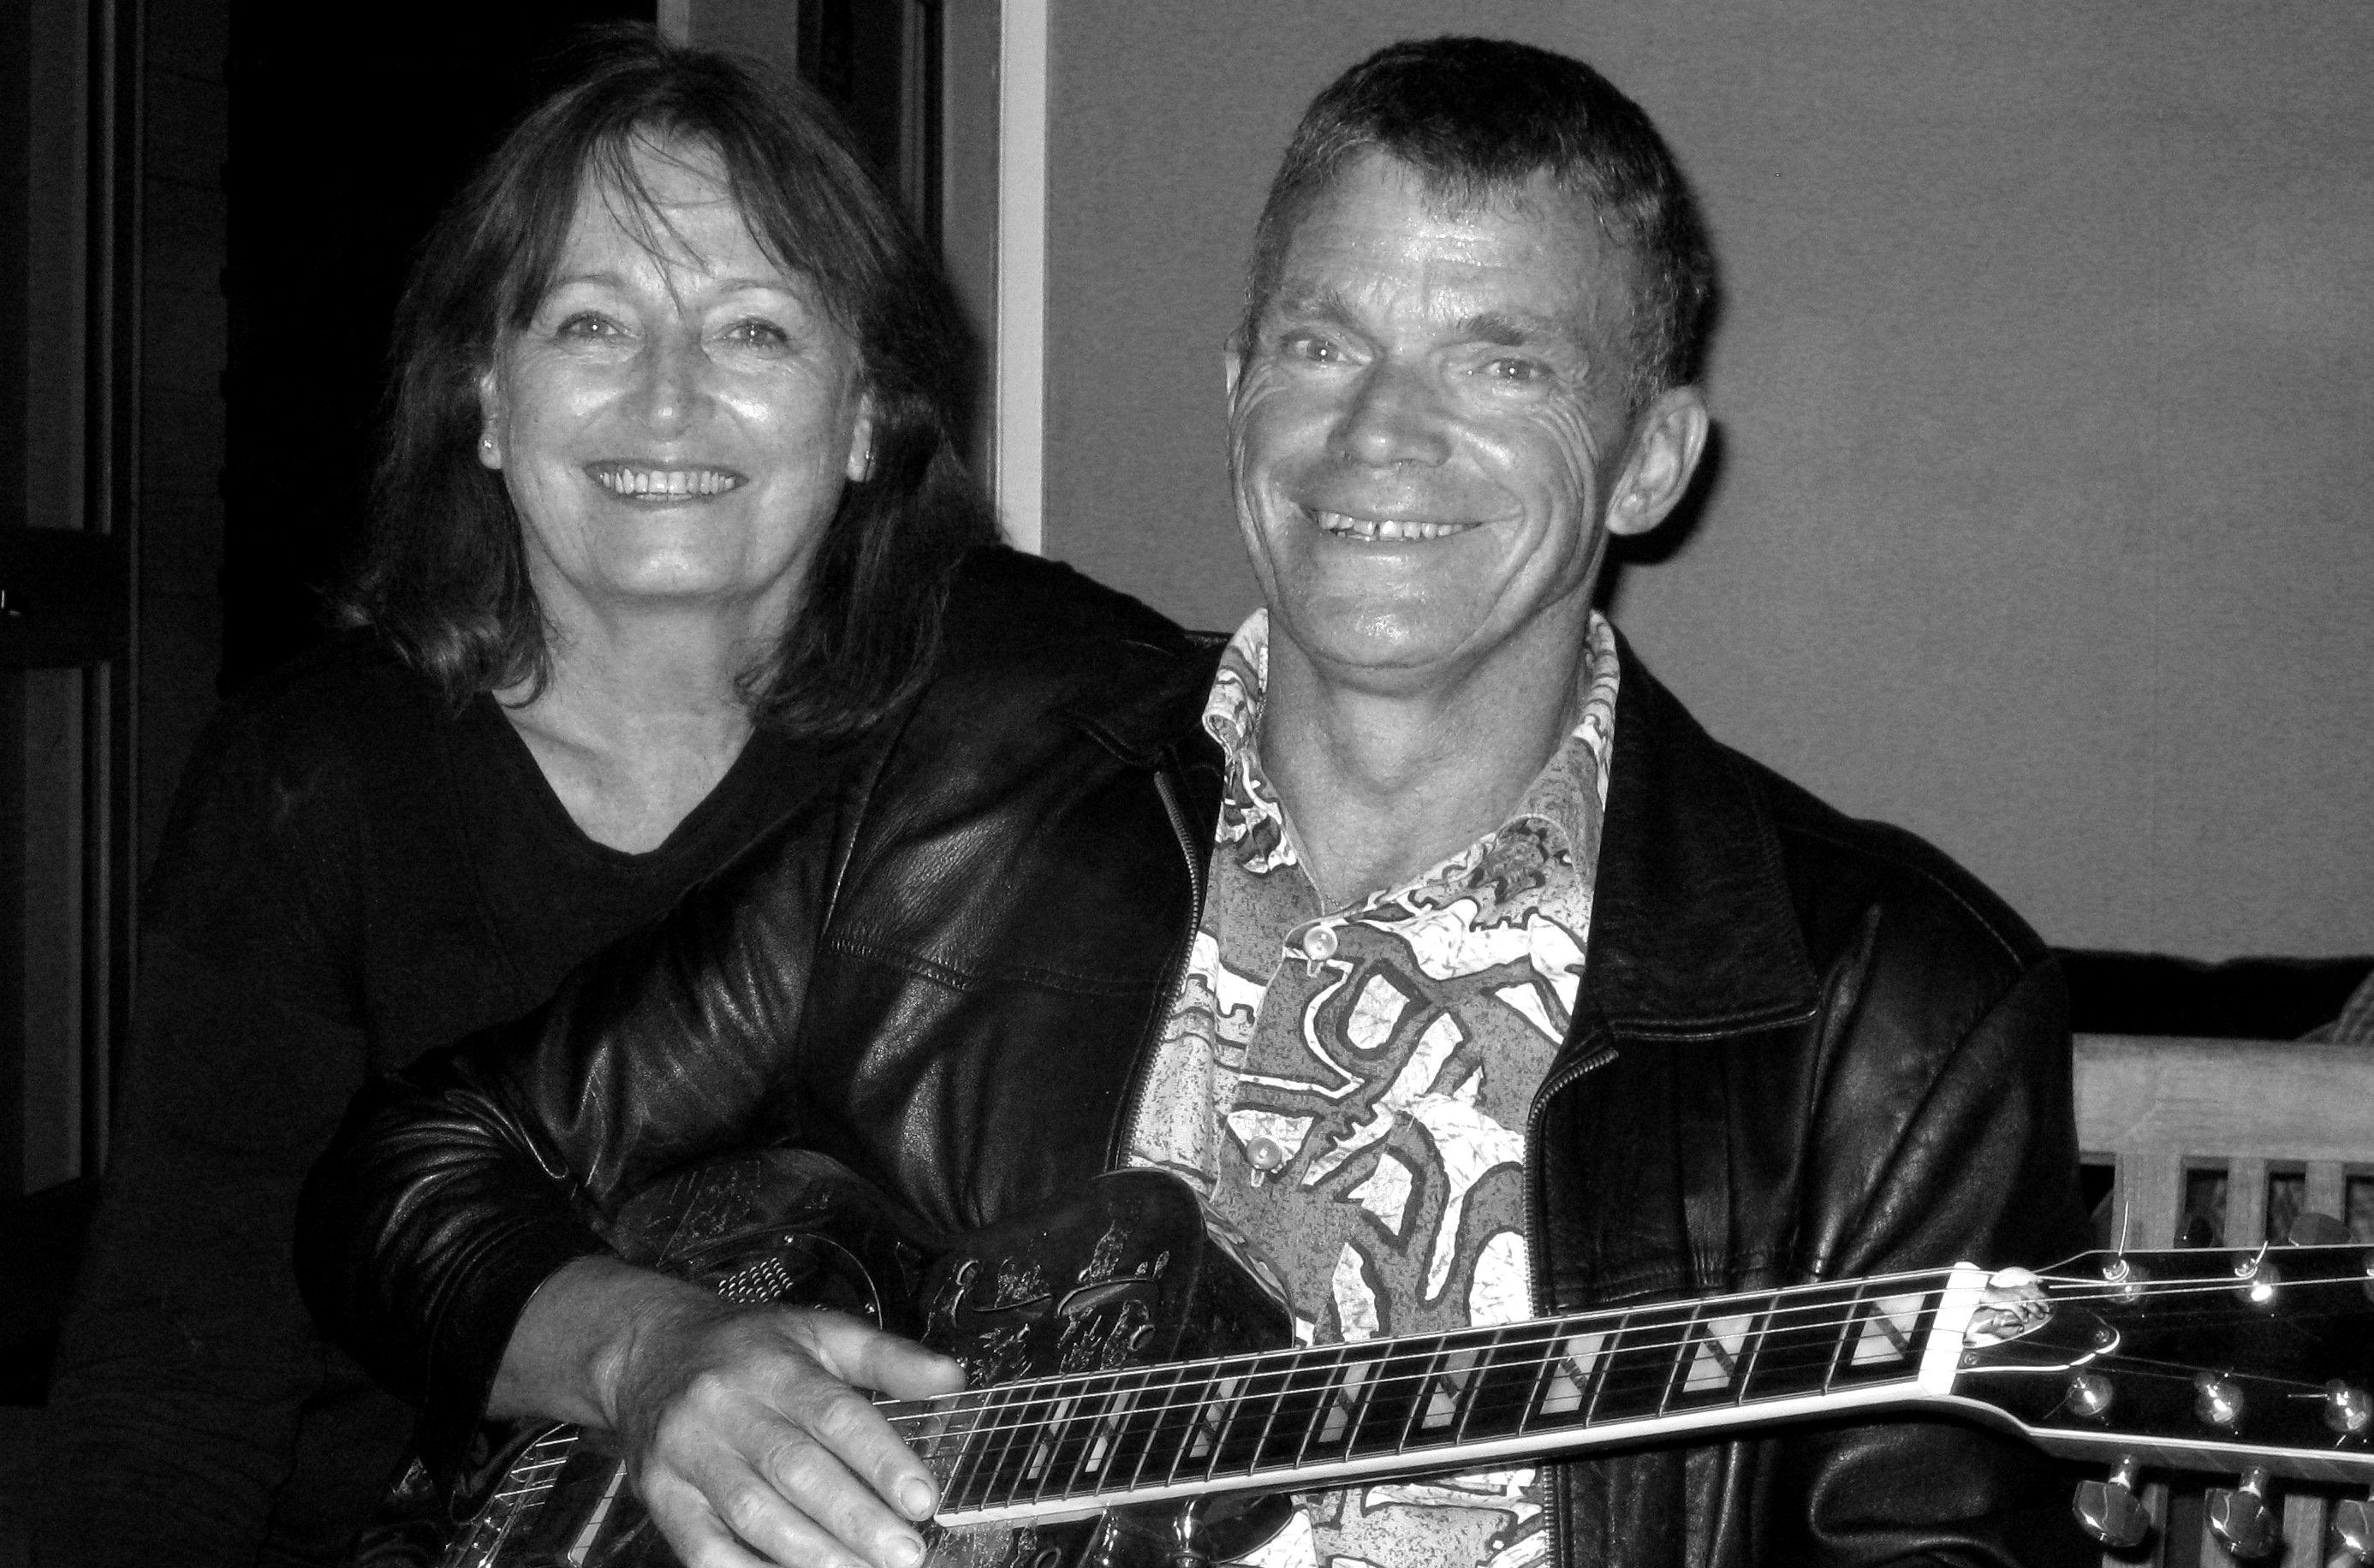 Dave Murphy and Carol Bean